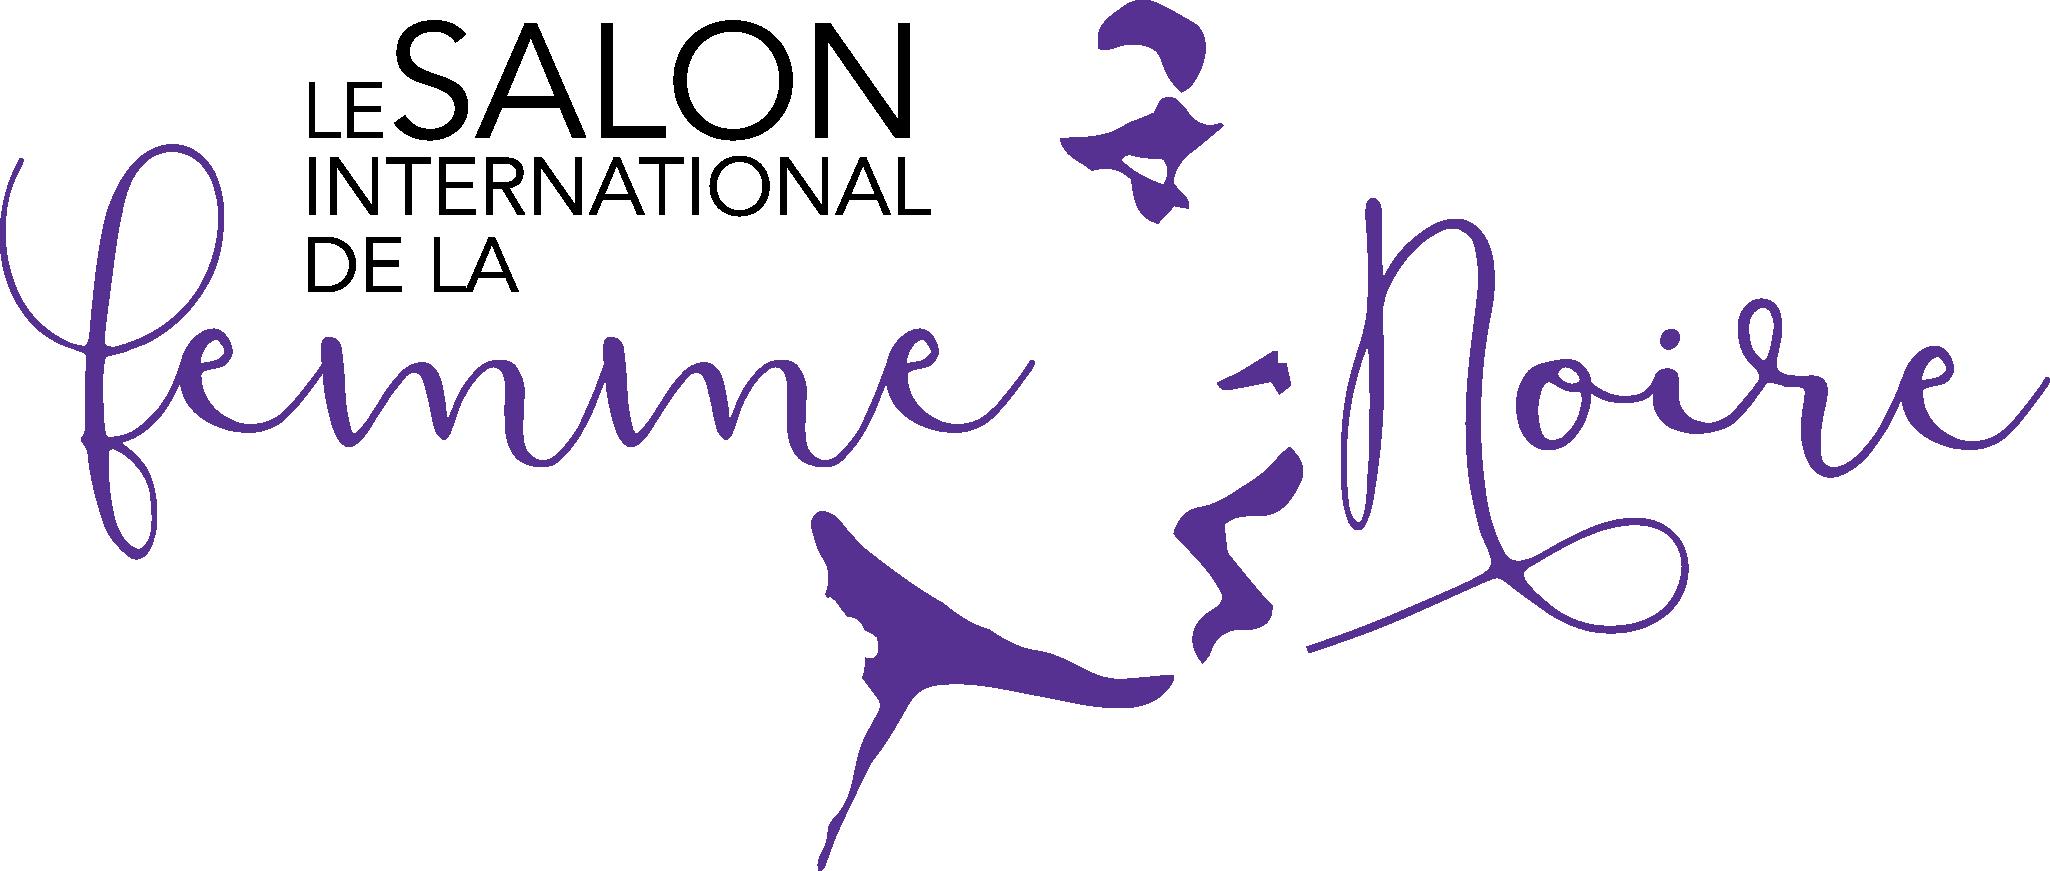 Salon International de la Femme Noire